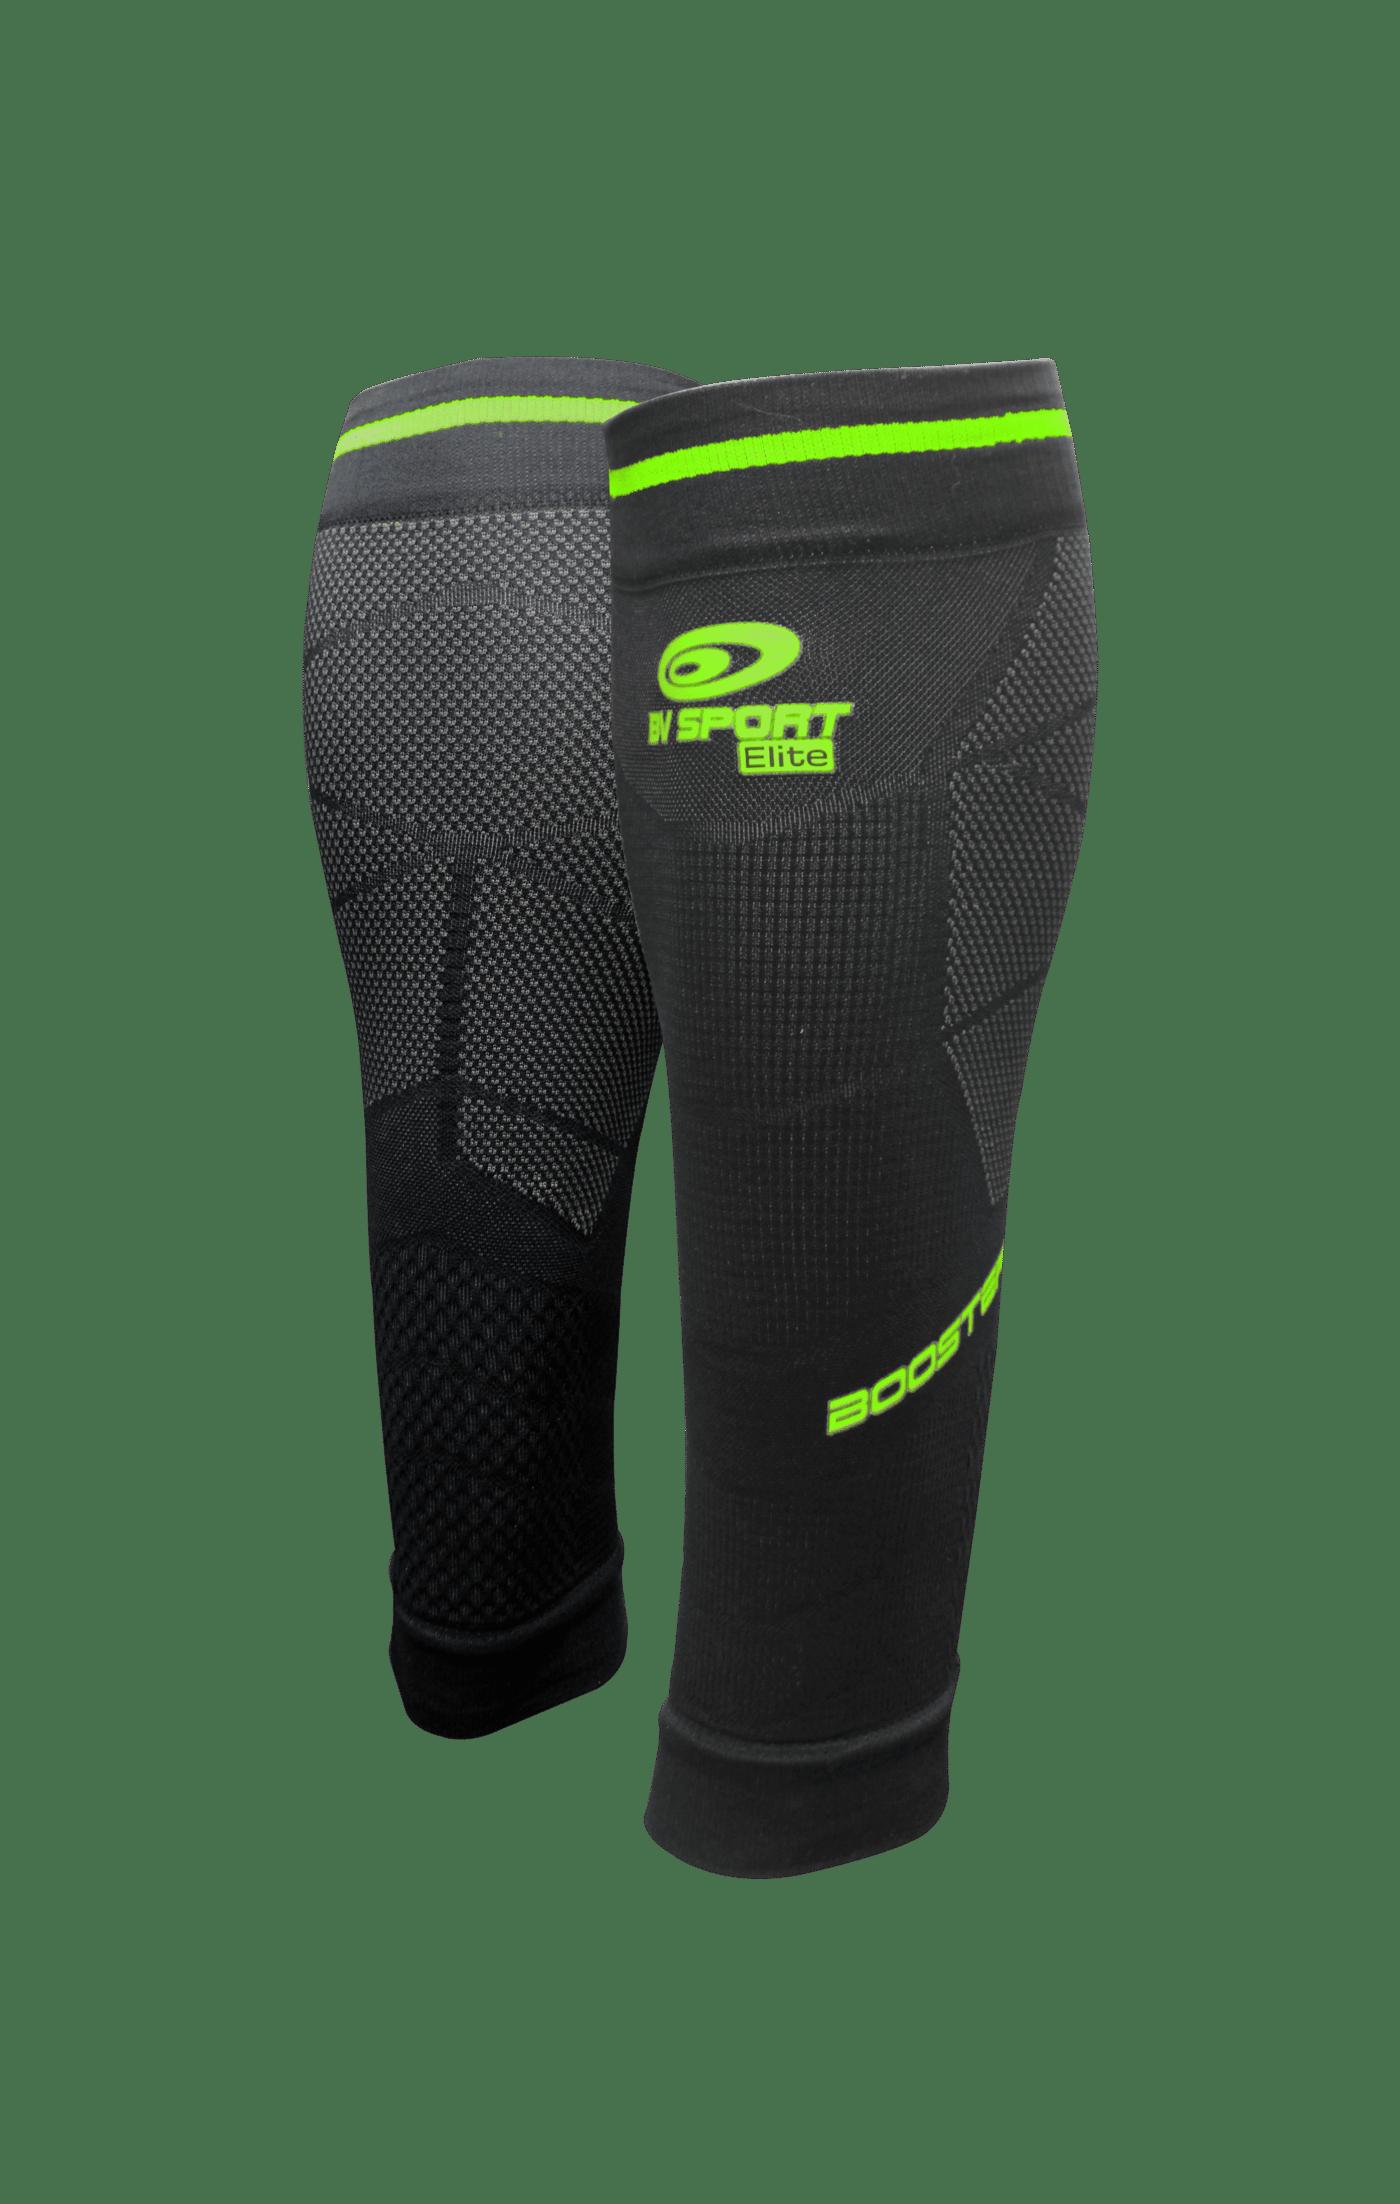 bv-sport-booster-elite-evo2-noir-vert